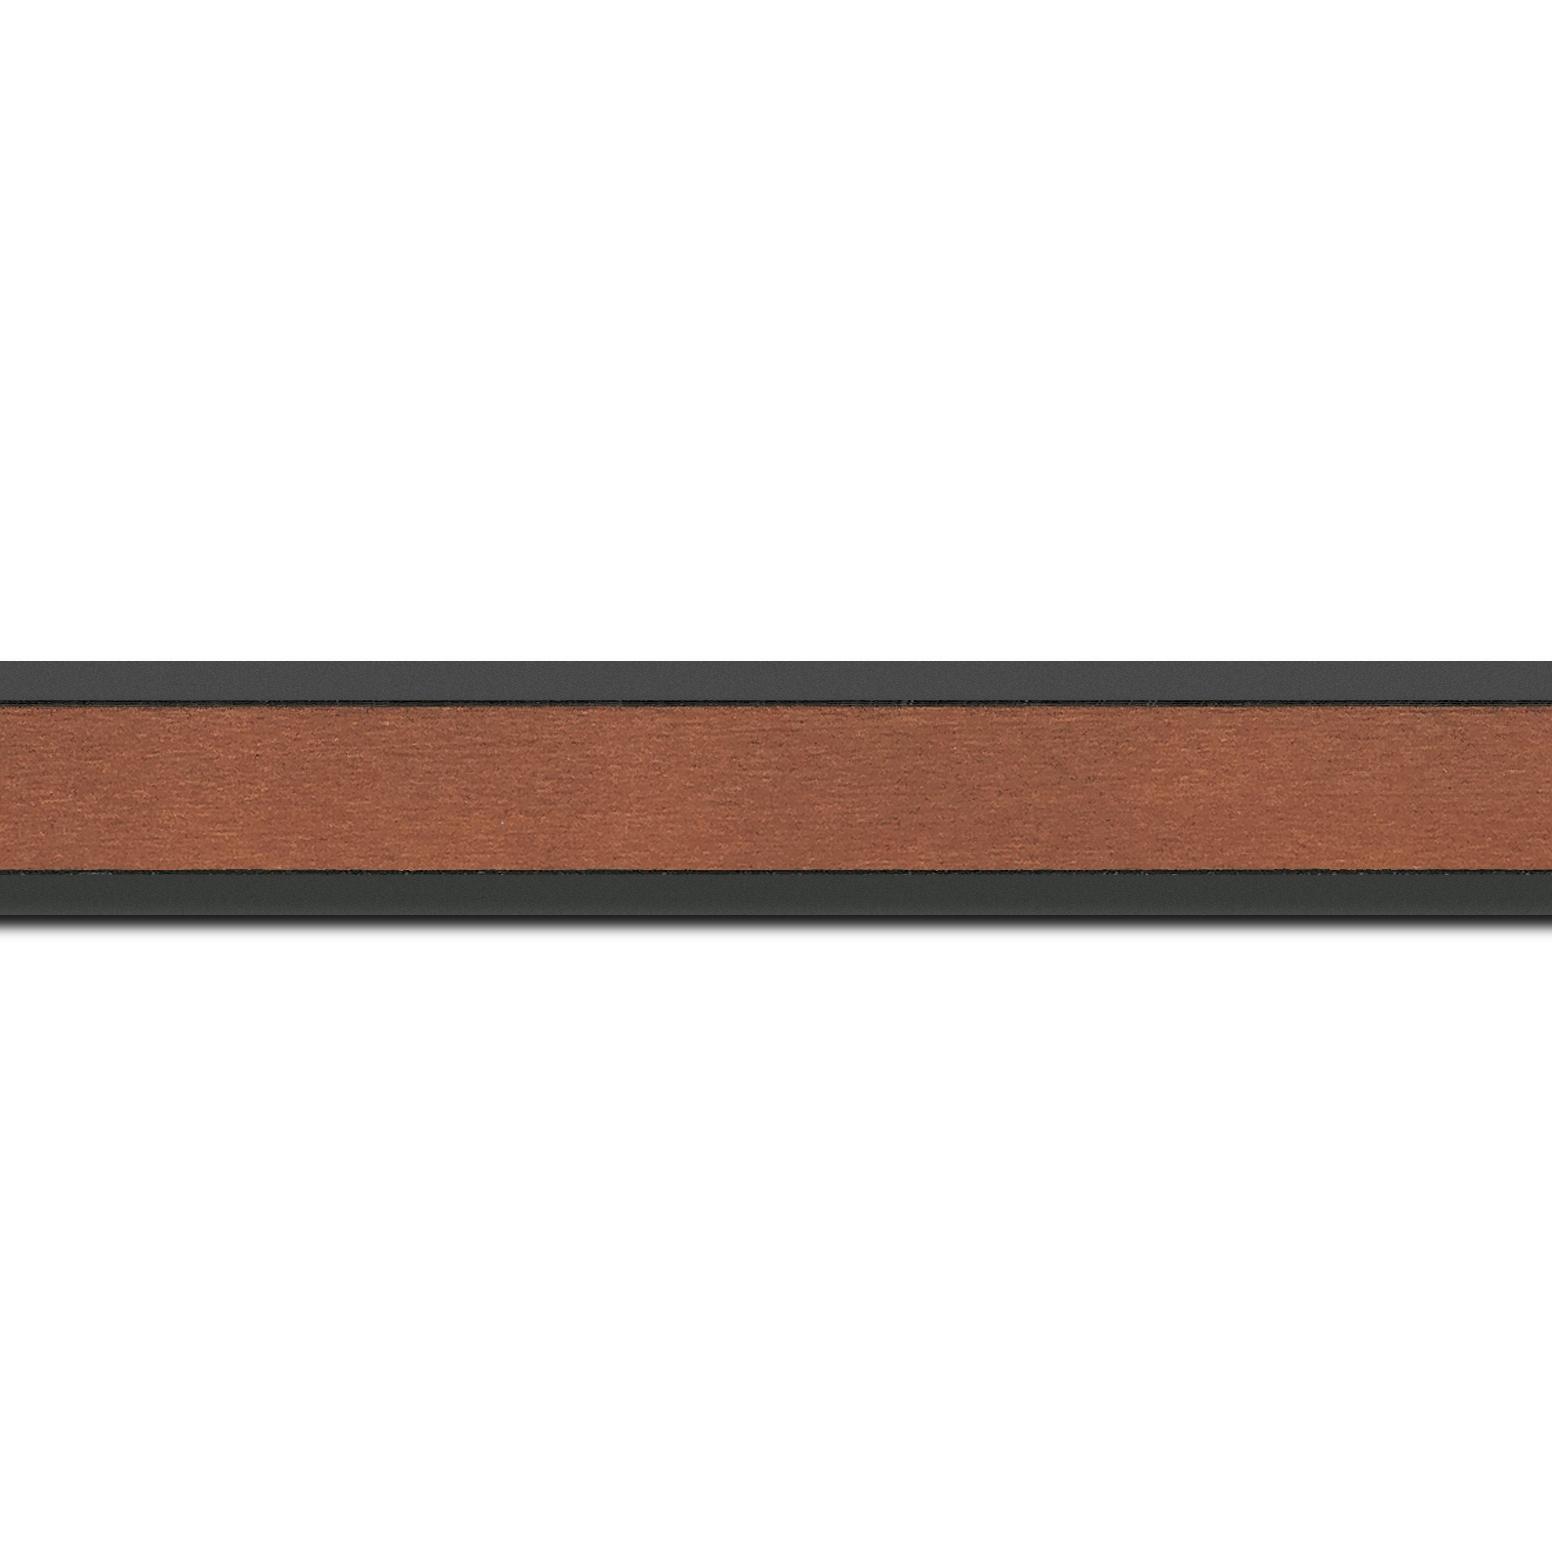 Pack par 12m, bois essence marupa profil plat largeur 2.5cm plaquage érable teinté marron clair,  filet intérieur et extérieur gris foncé (longueur baguette pouvant varier entre 2.40m et 3m selon arrivage des bois)